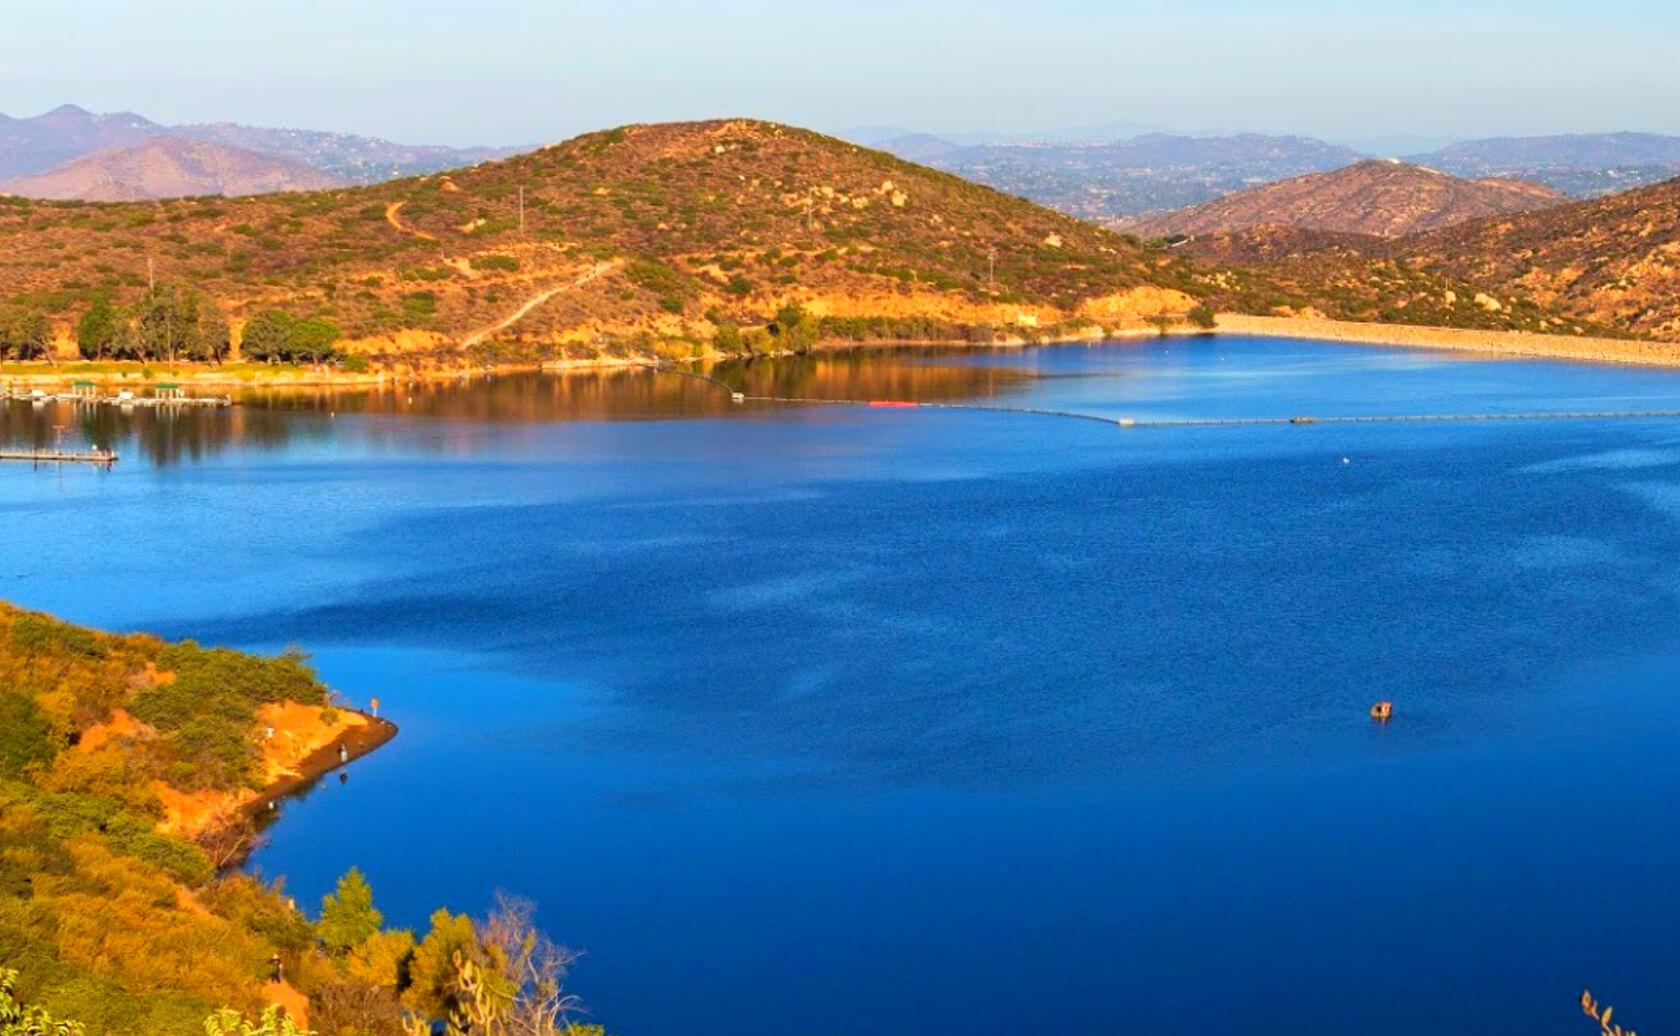 Poway-Lake-Fishing-Guide-Report-California-03